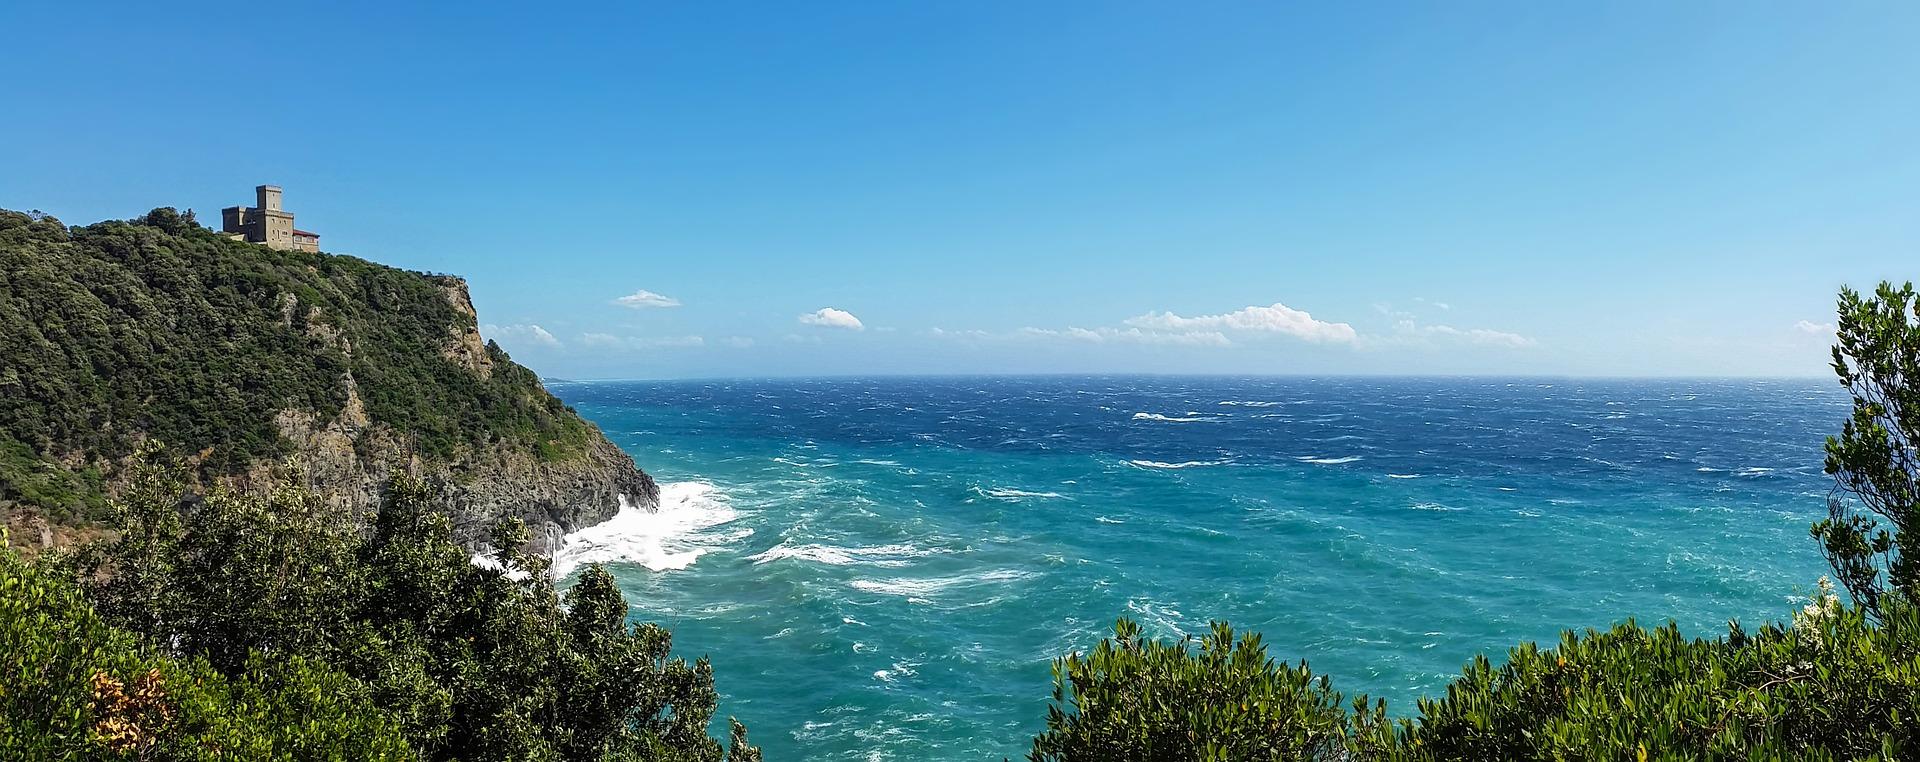 Toskana in der Region können sie extrem günstig in Ferienwohnungen Urlaub machen